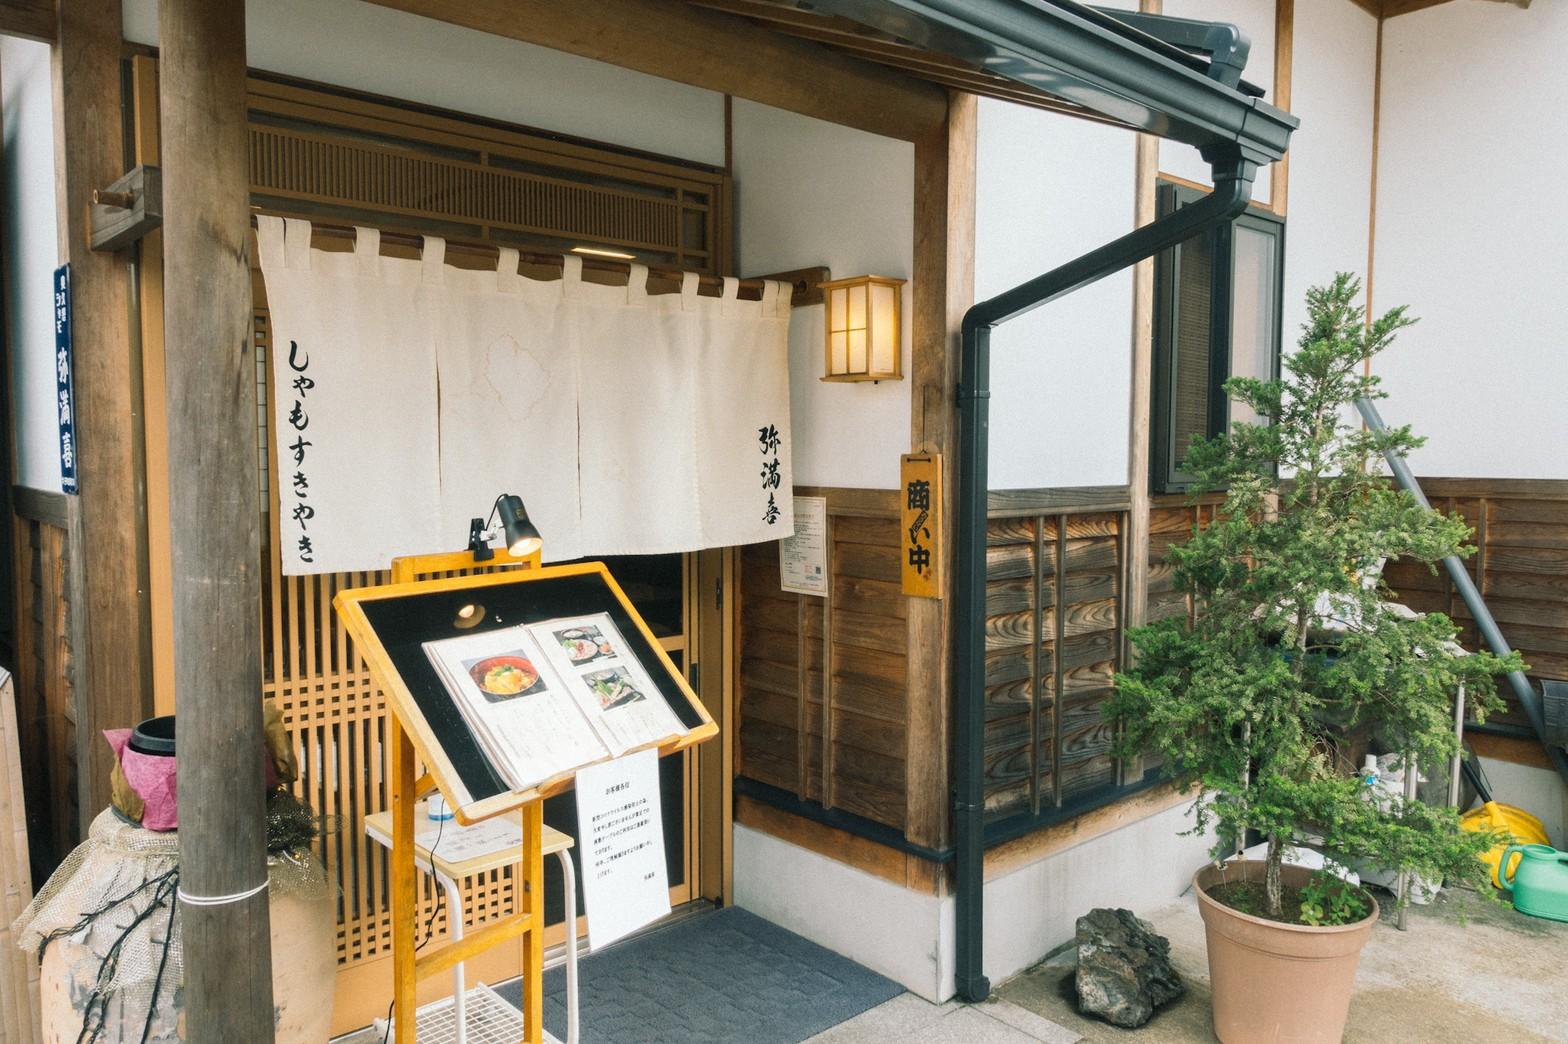 茨城県大子町の割烹料理店弥満喜